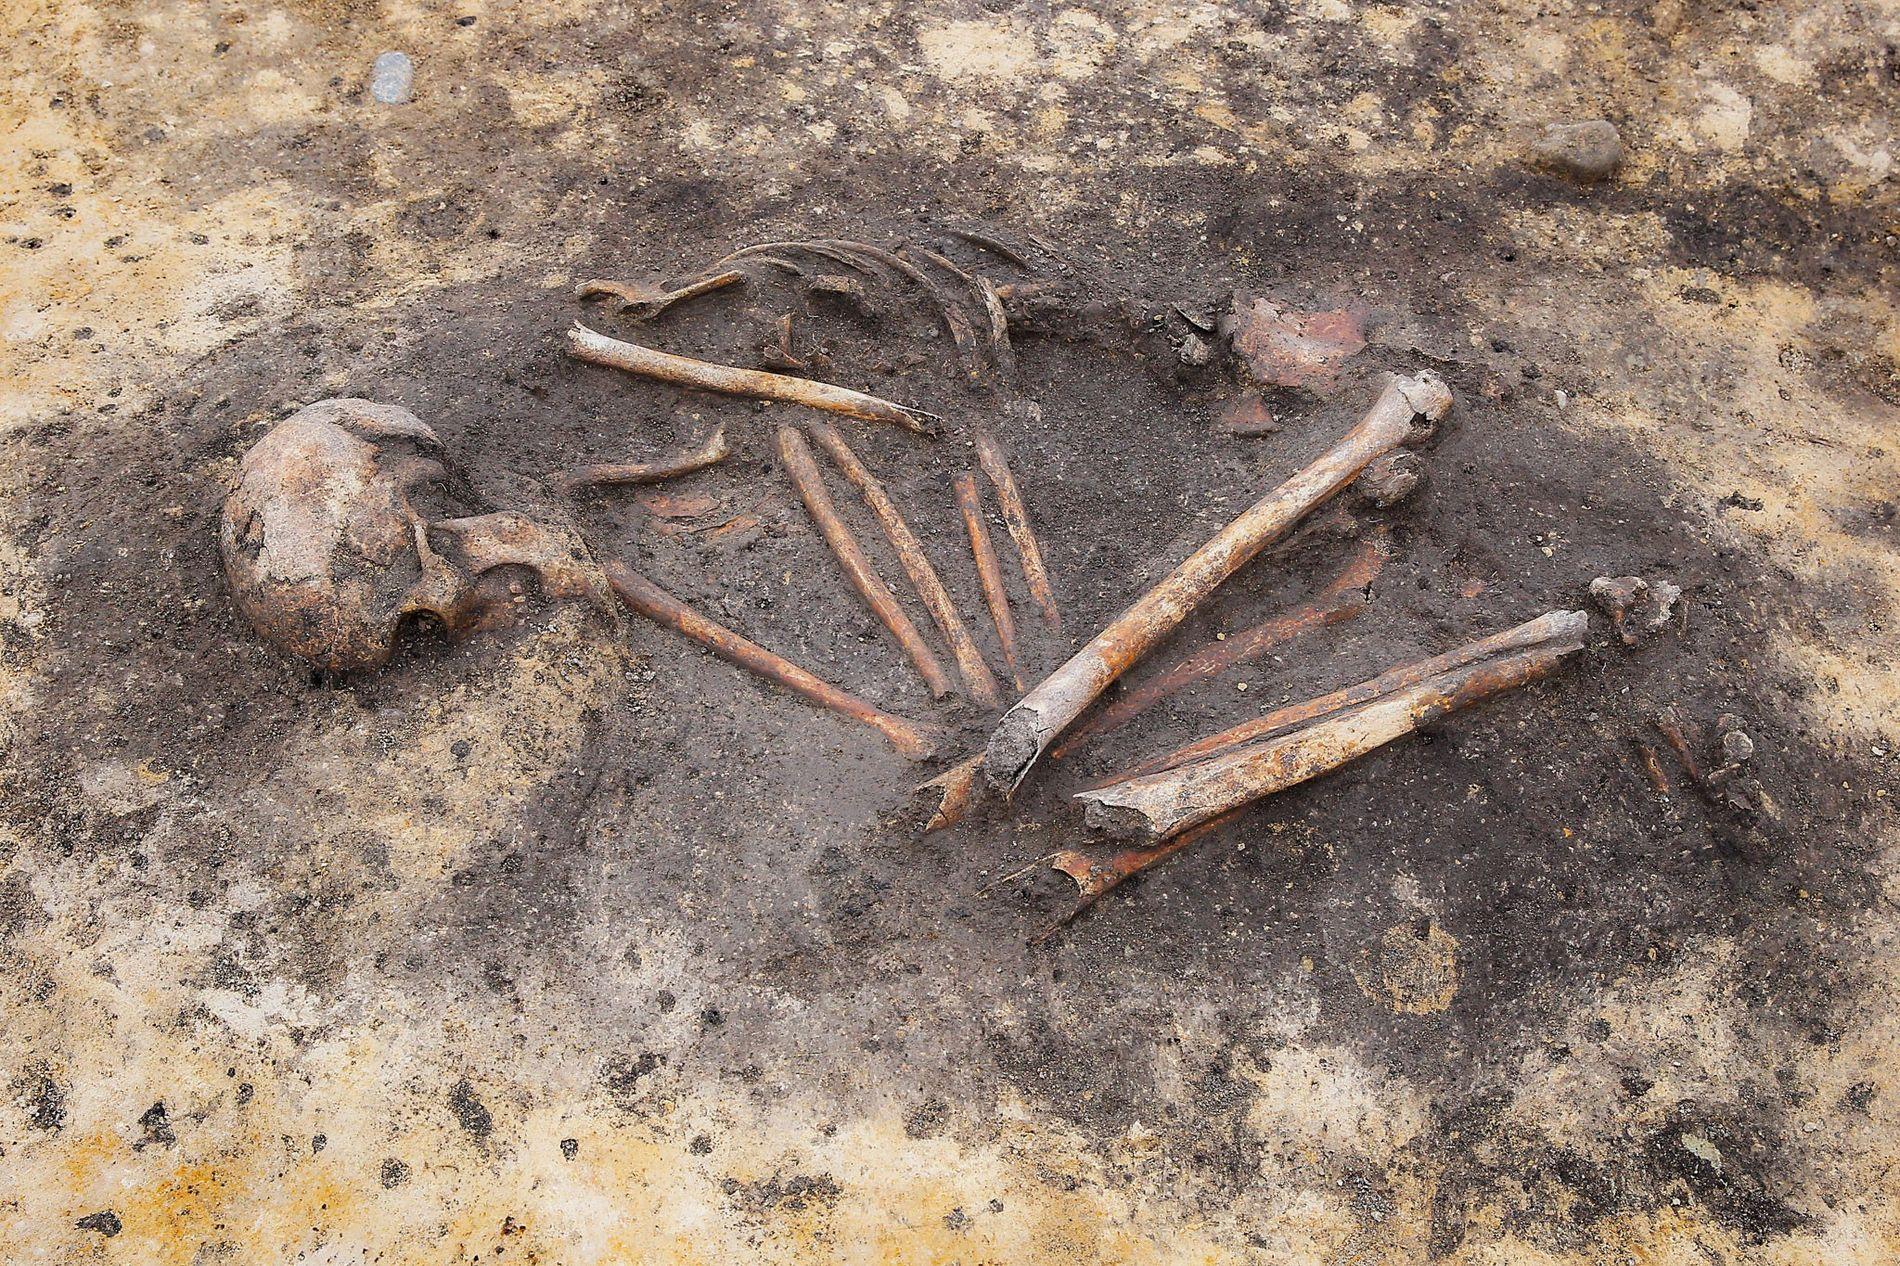 """Enquanto os arqueólogos começam a notar sinais de desigualdade social em sepulturas """"com"""" e """"sem objetos"""" na Idade do Bronze, novas análises científicas ajudam a destacar as diferenças genéticas e geográficas em populações de uma mesma propriedade."""